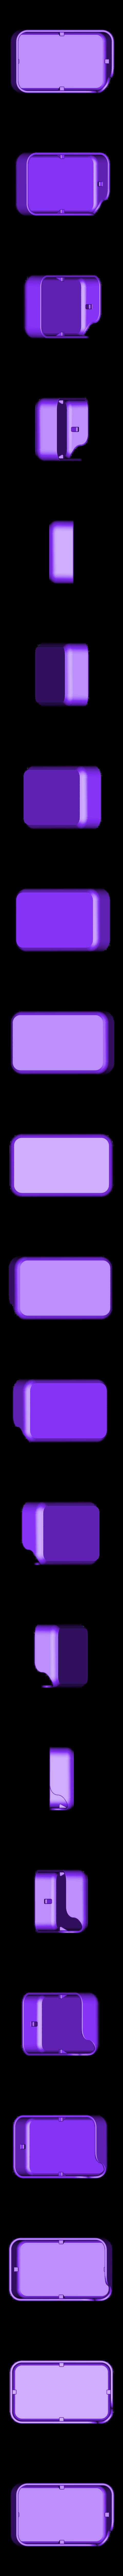 Box_v2.STL Télécharger fichier STL gratuit Soap holder • Modèle pour imprimante 3D, piuLAB